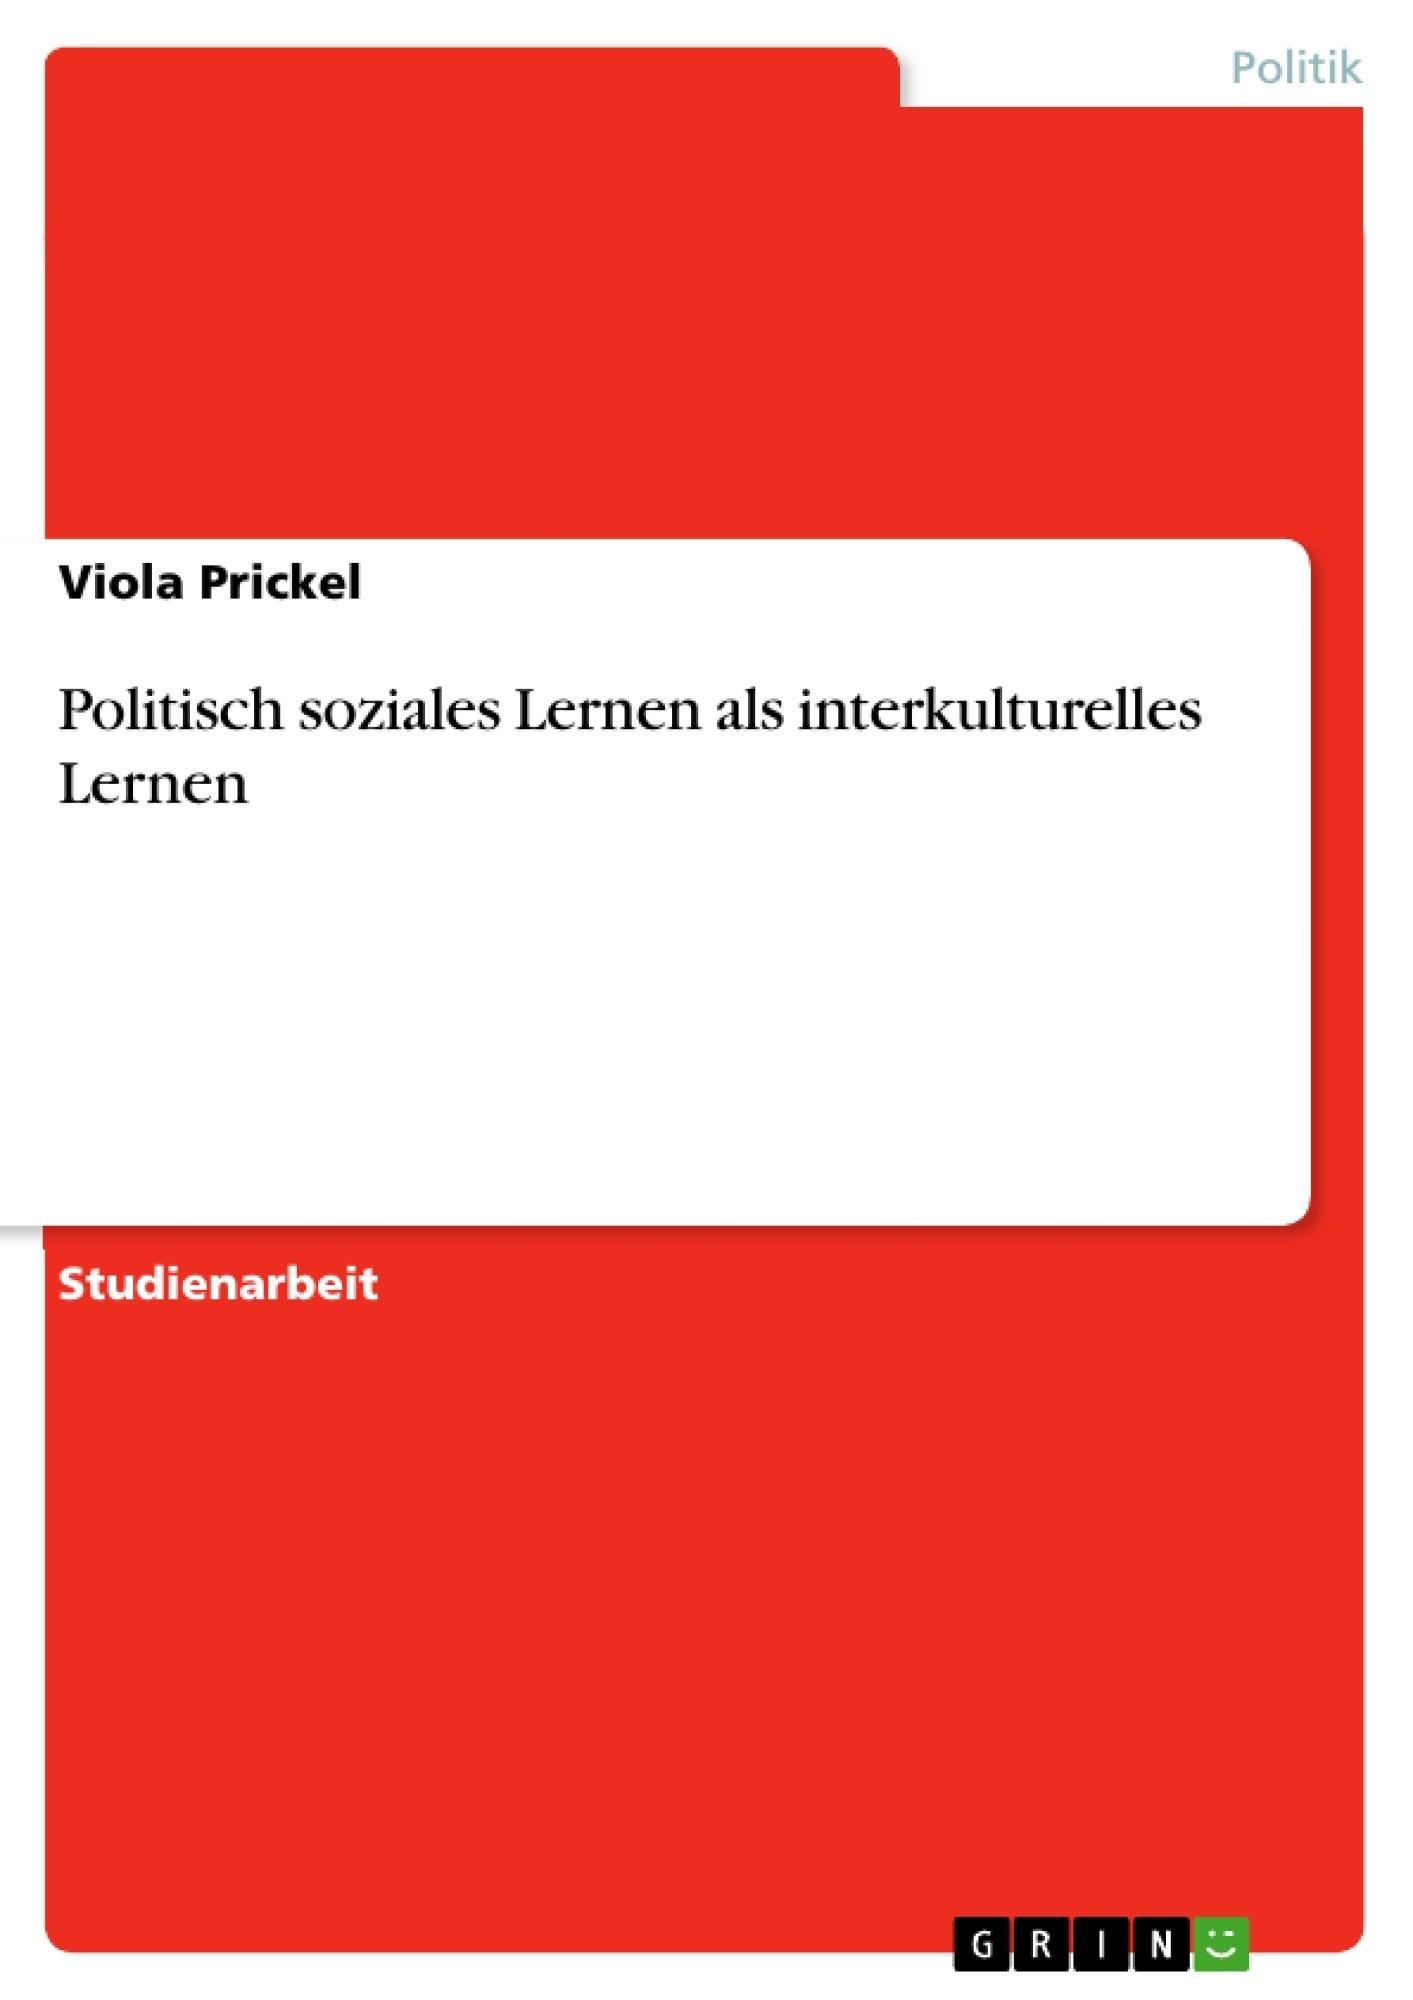 Titel: Politisch soziales Lernen als interkulturelles Lernen